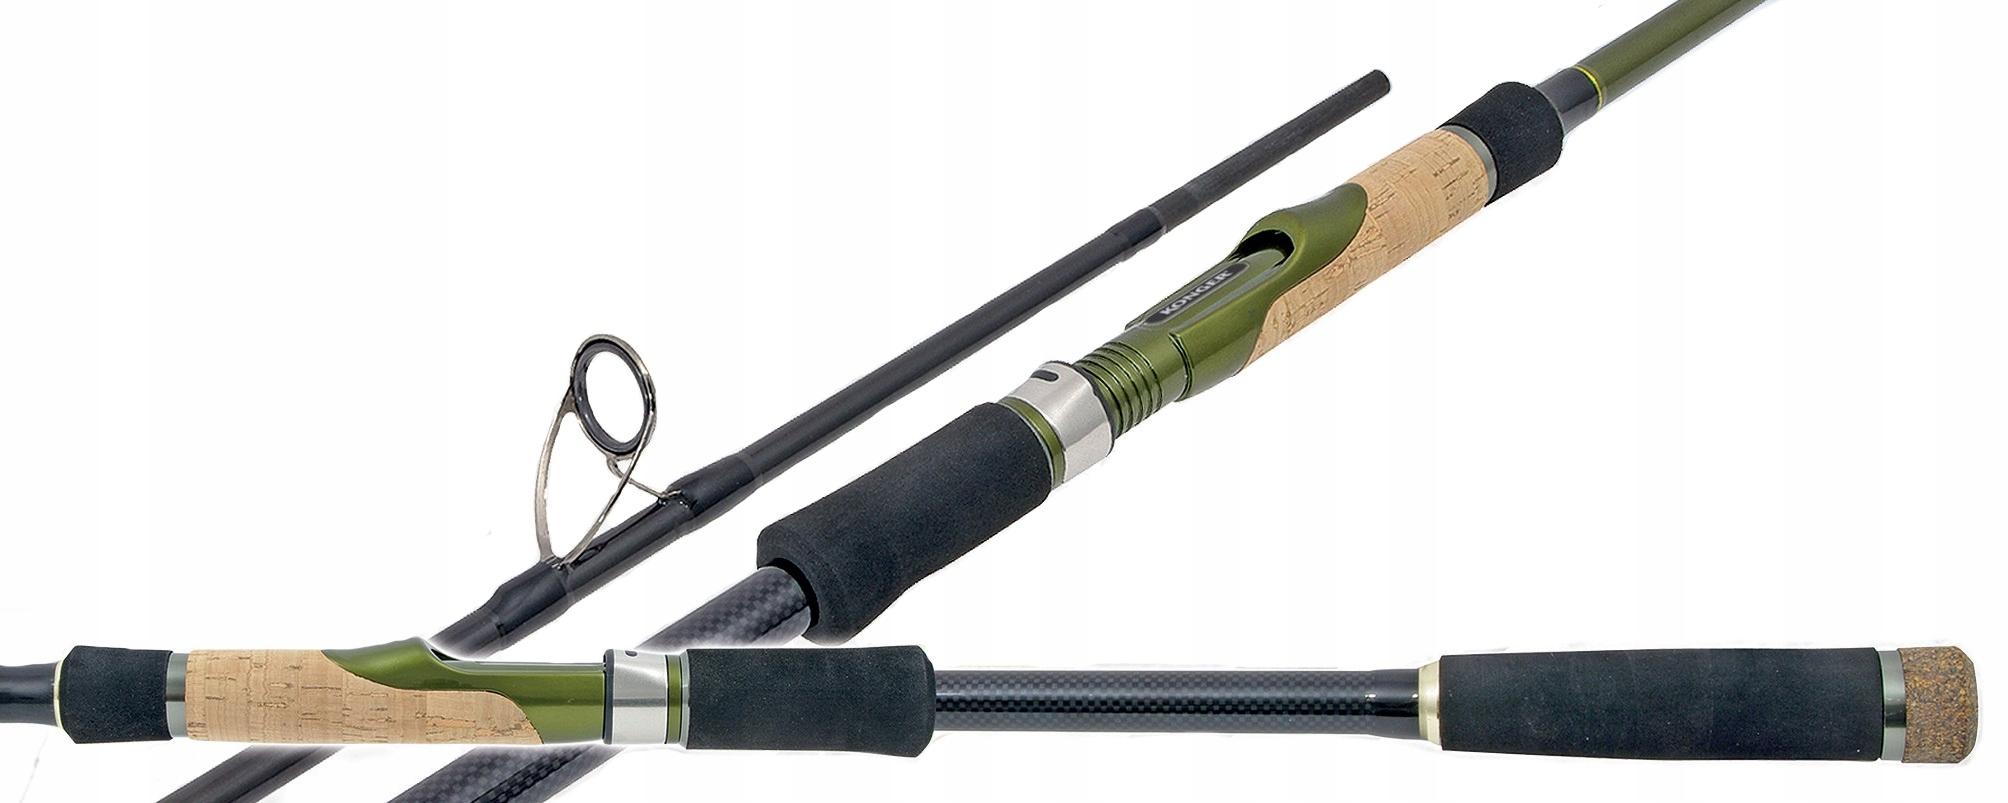 Prút Konger Troker Spin UL - 270cm 2-8g wklejanką